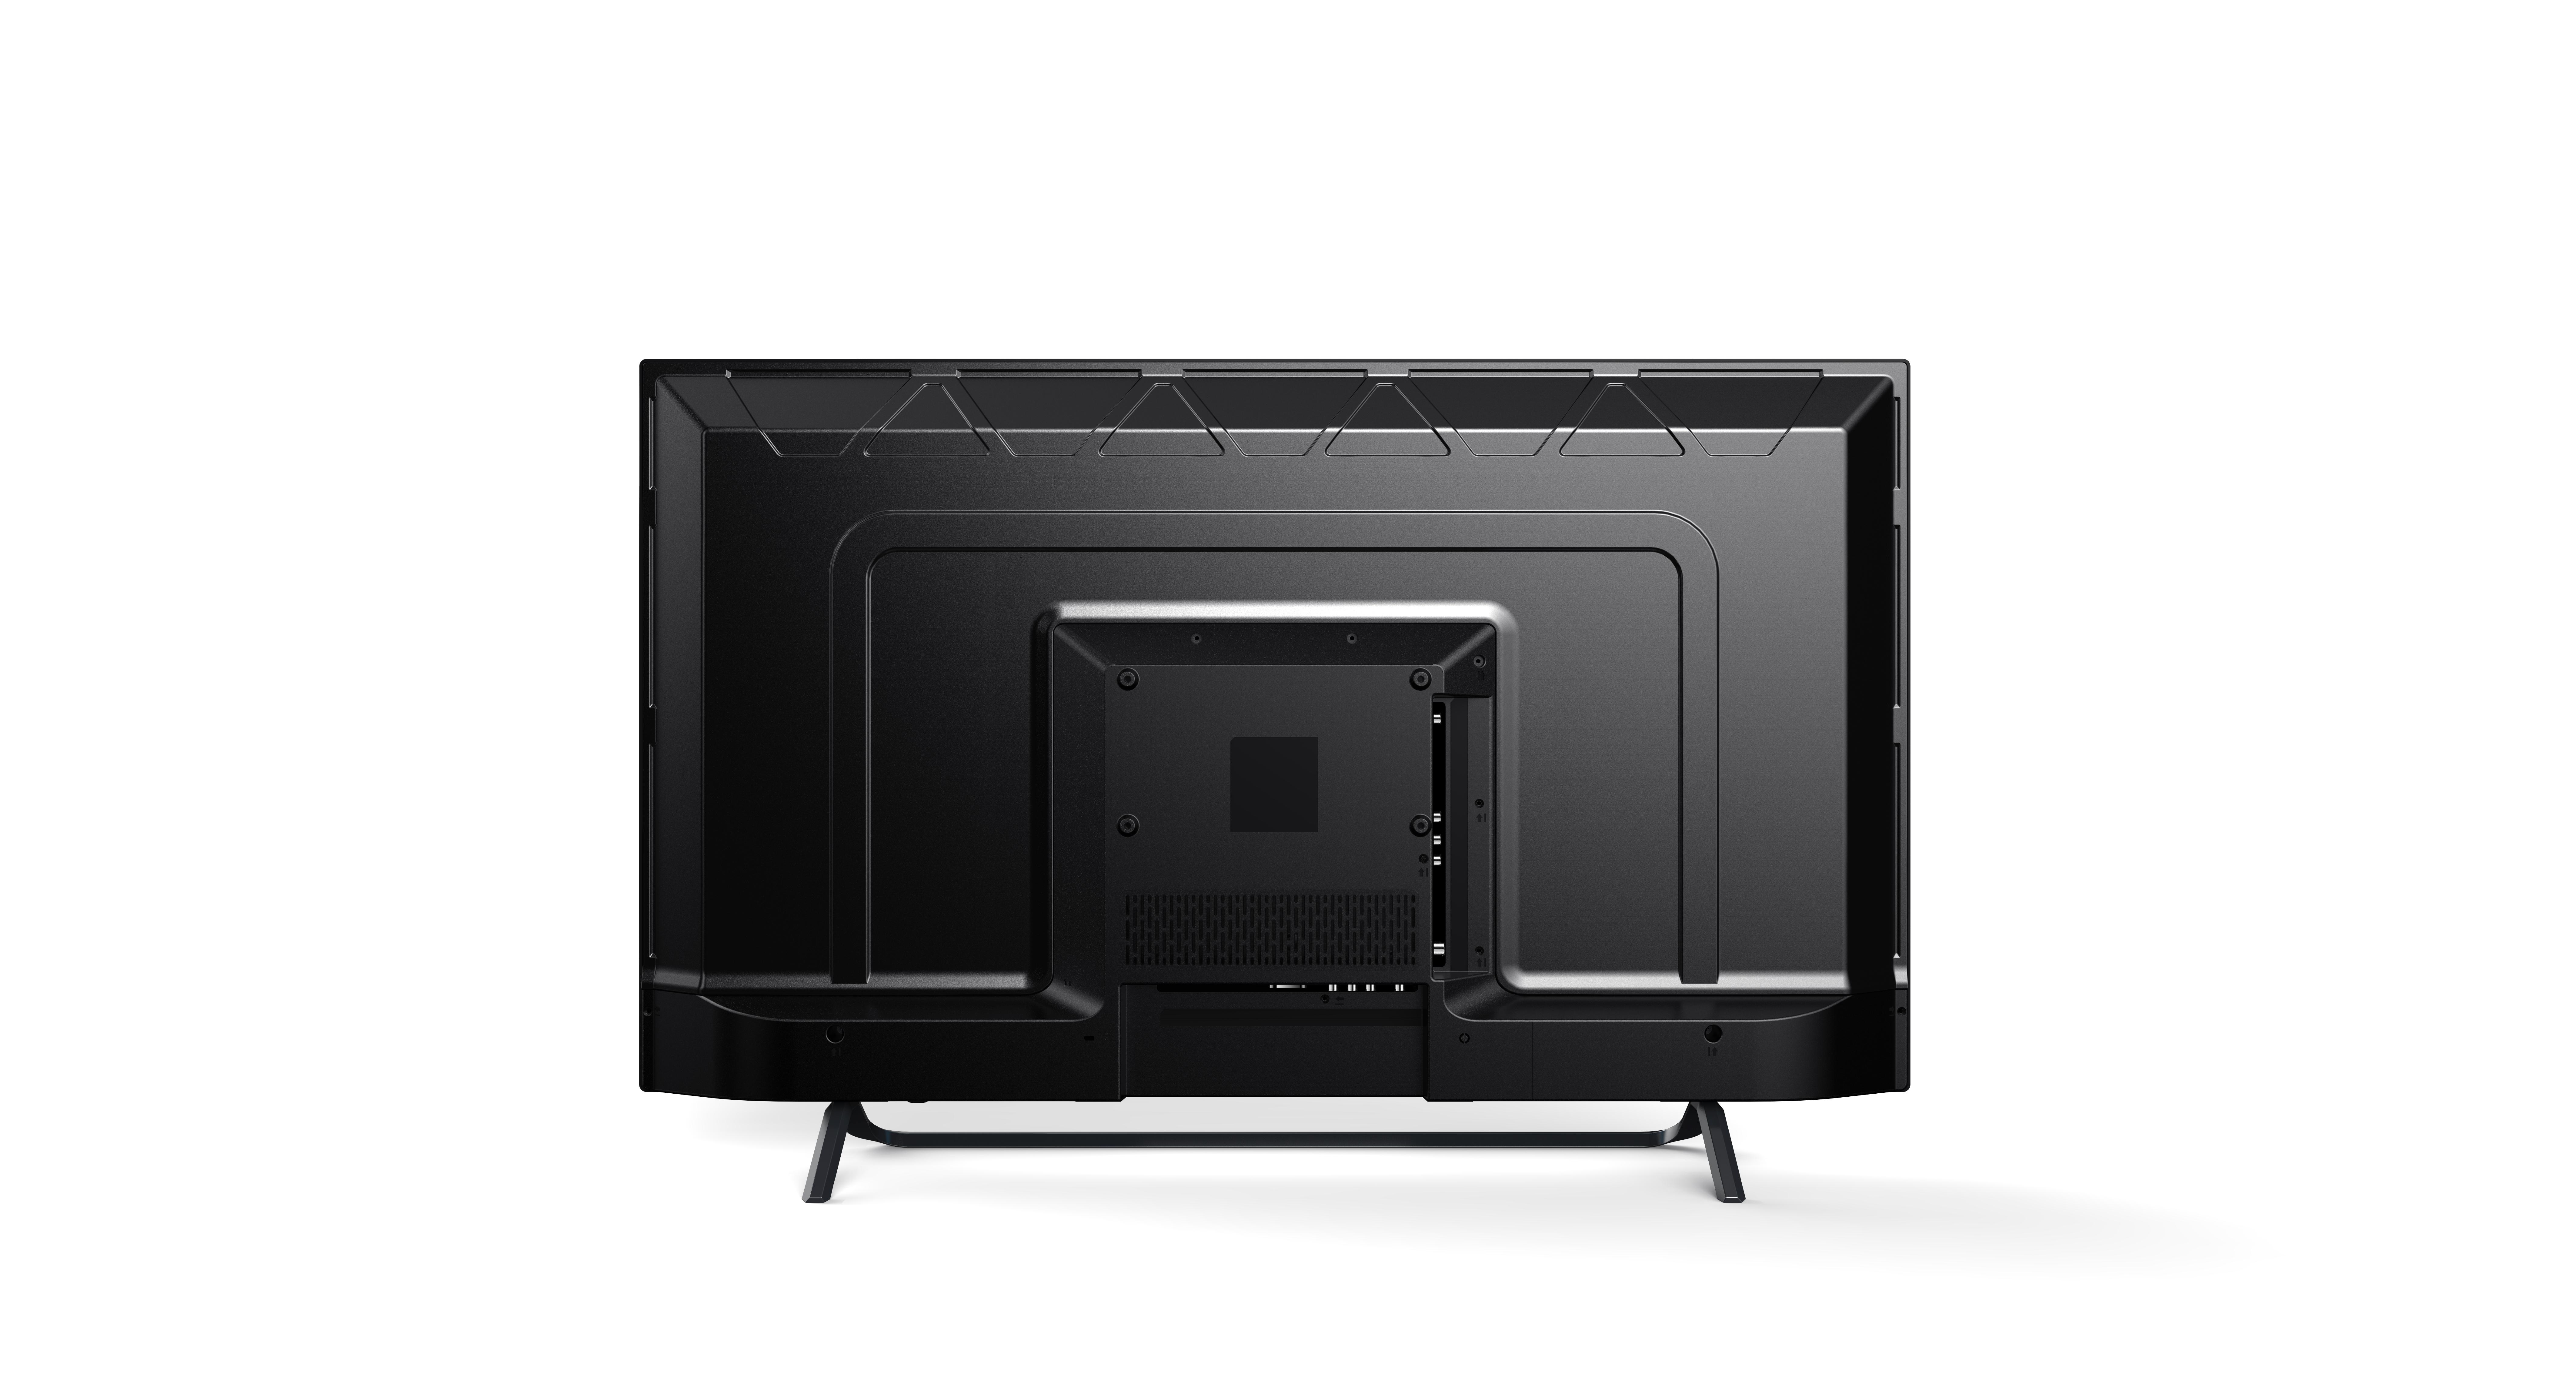 歌林40吋液晶顯示器_商品圖_1